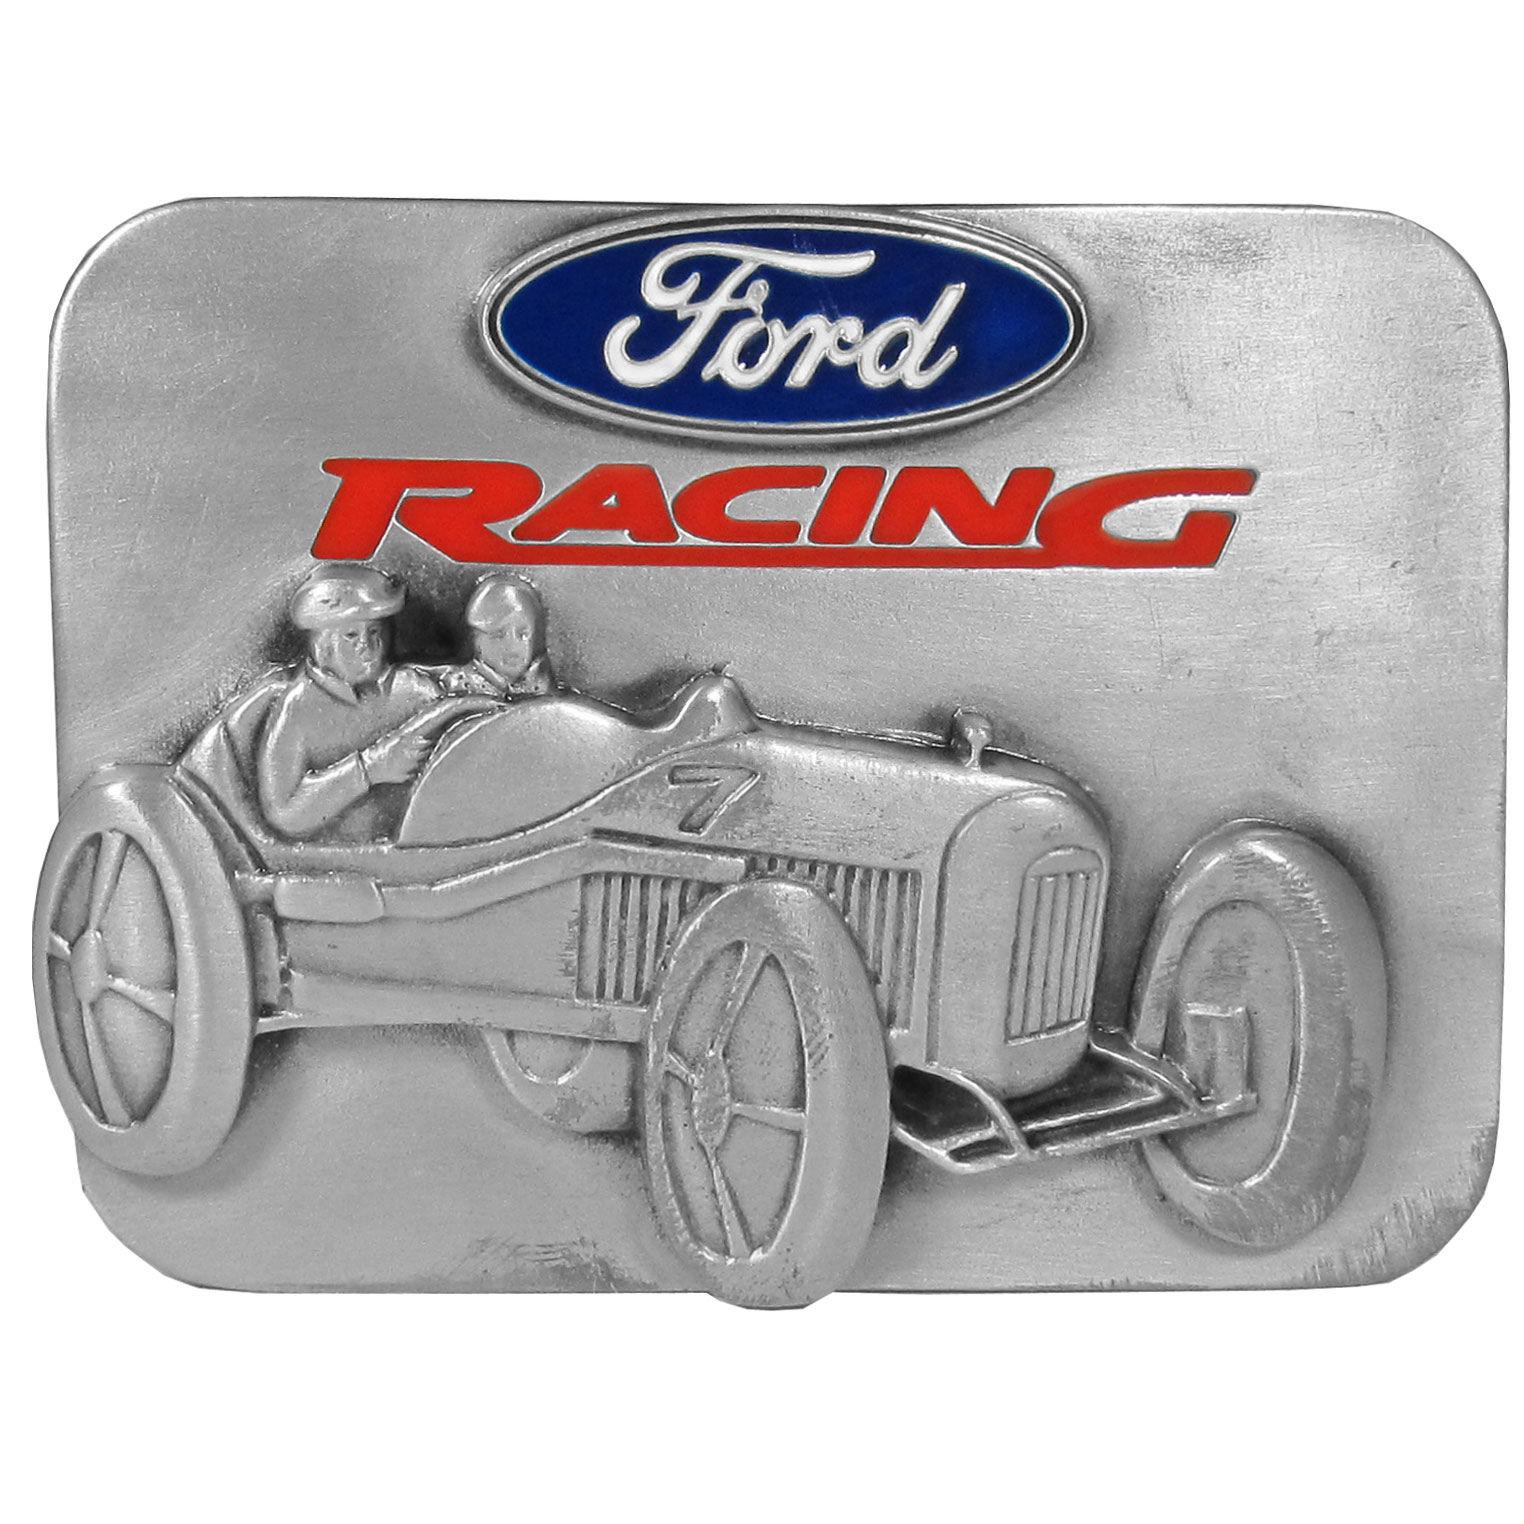 Ford Vintage Racing